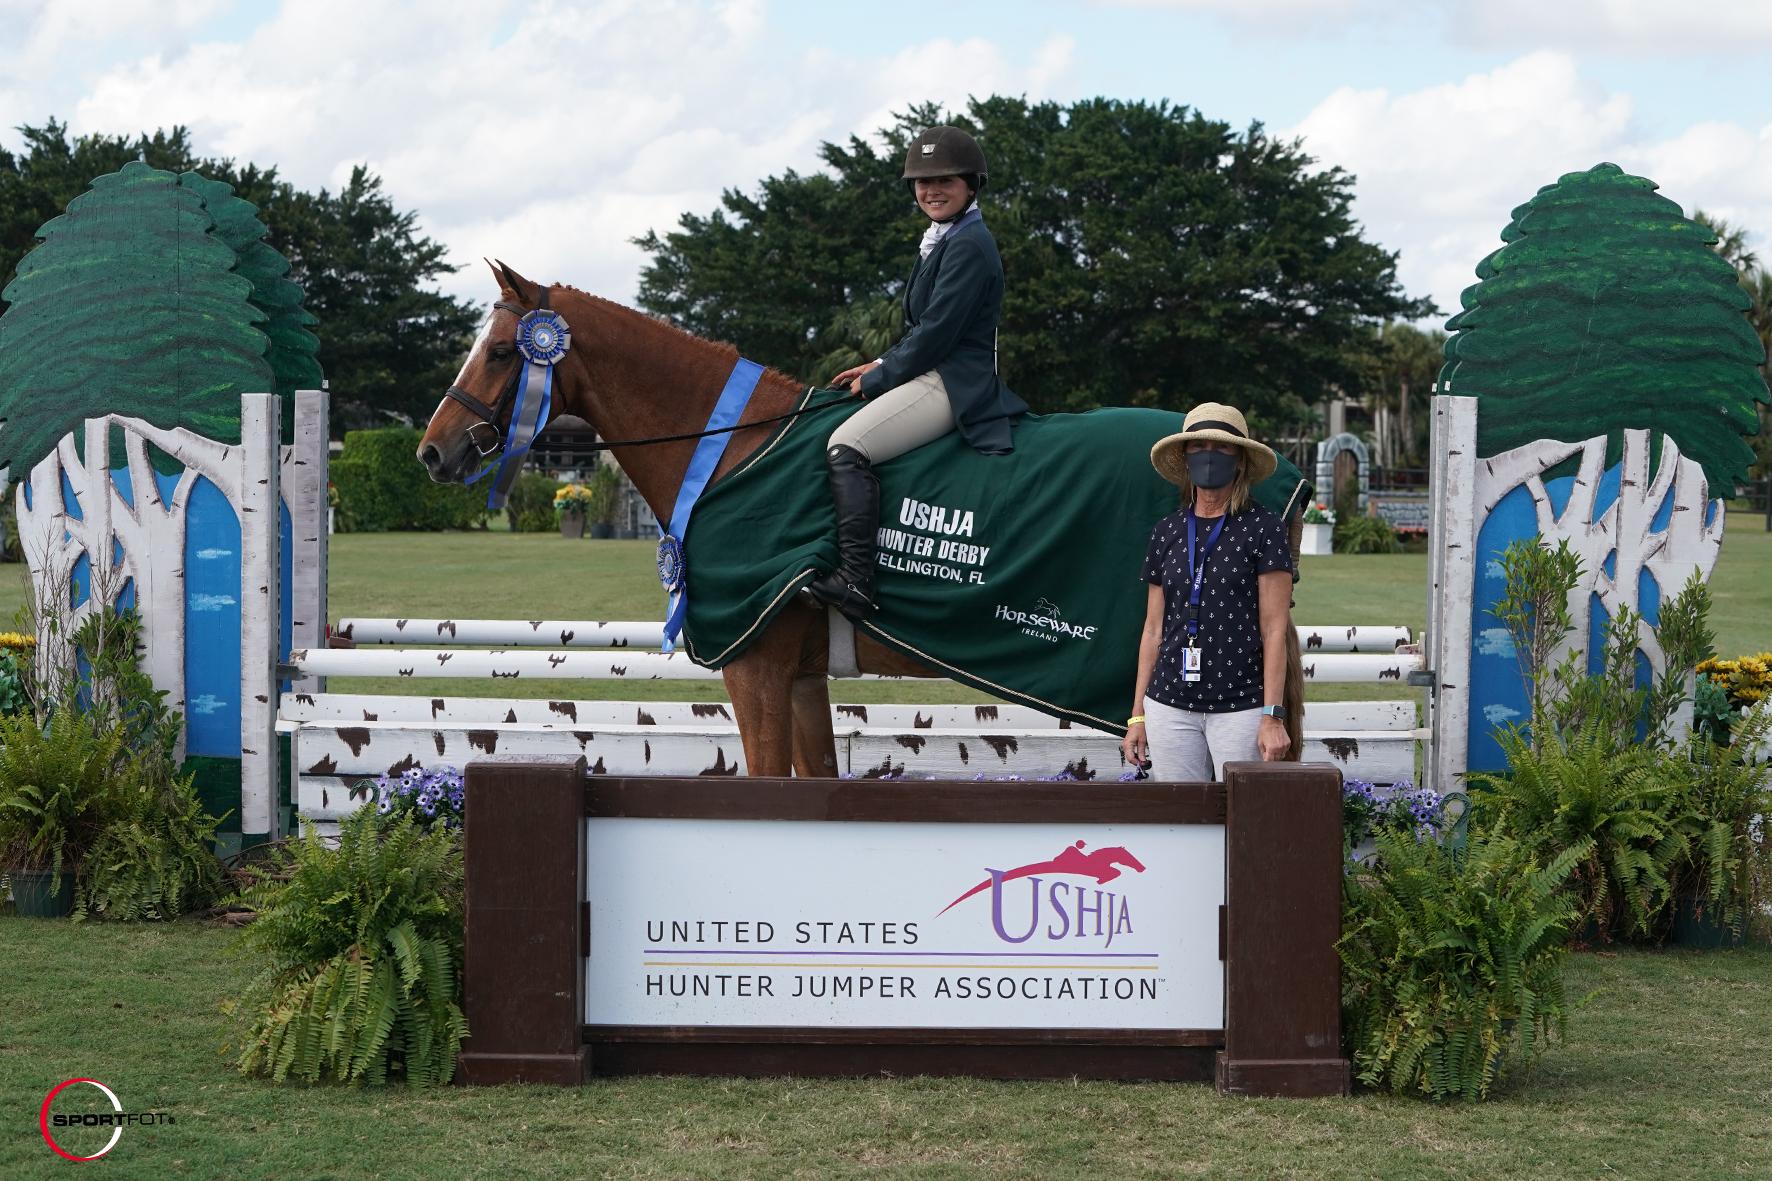 Augusta Iwasaki and Hamilton pres 607_5944 Sportfot